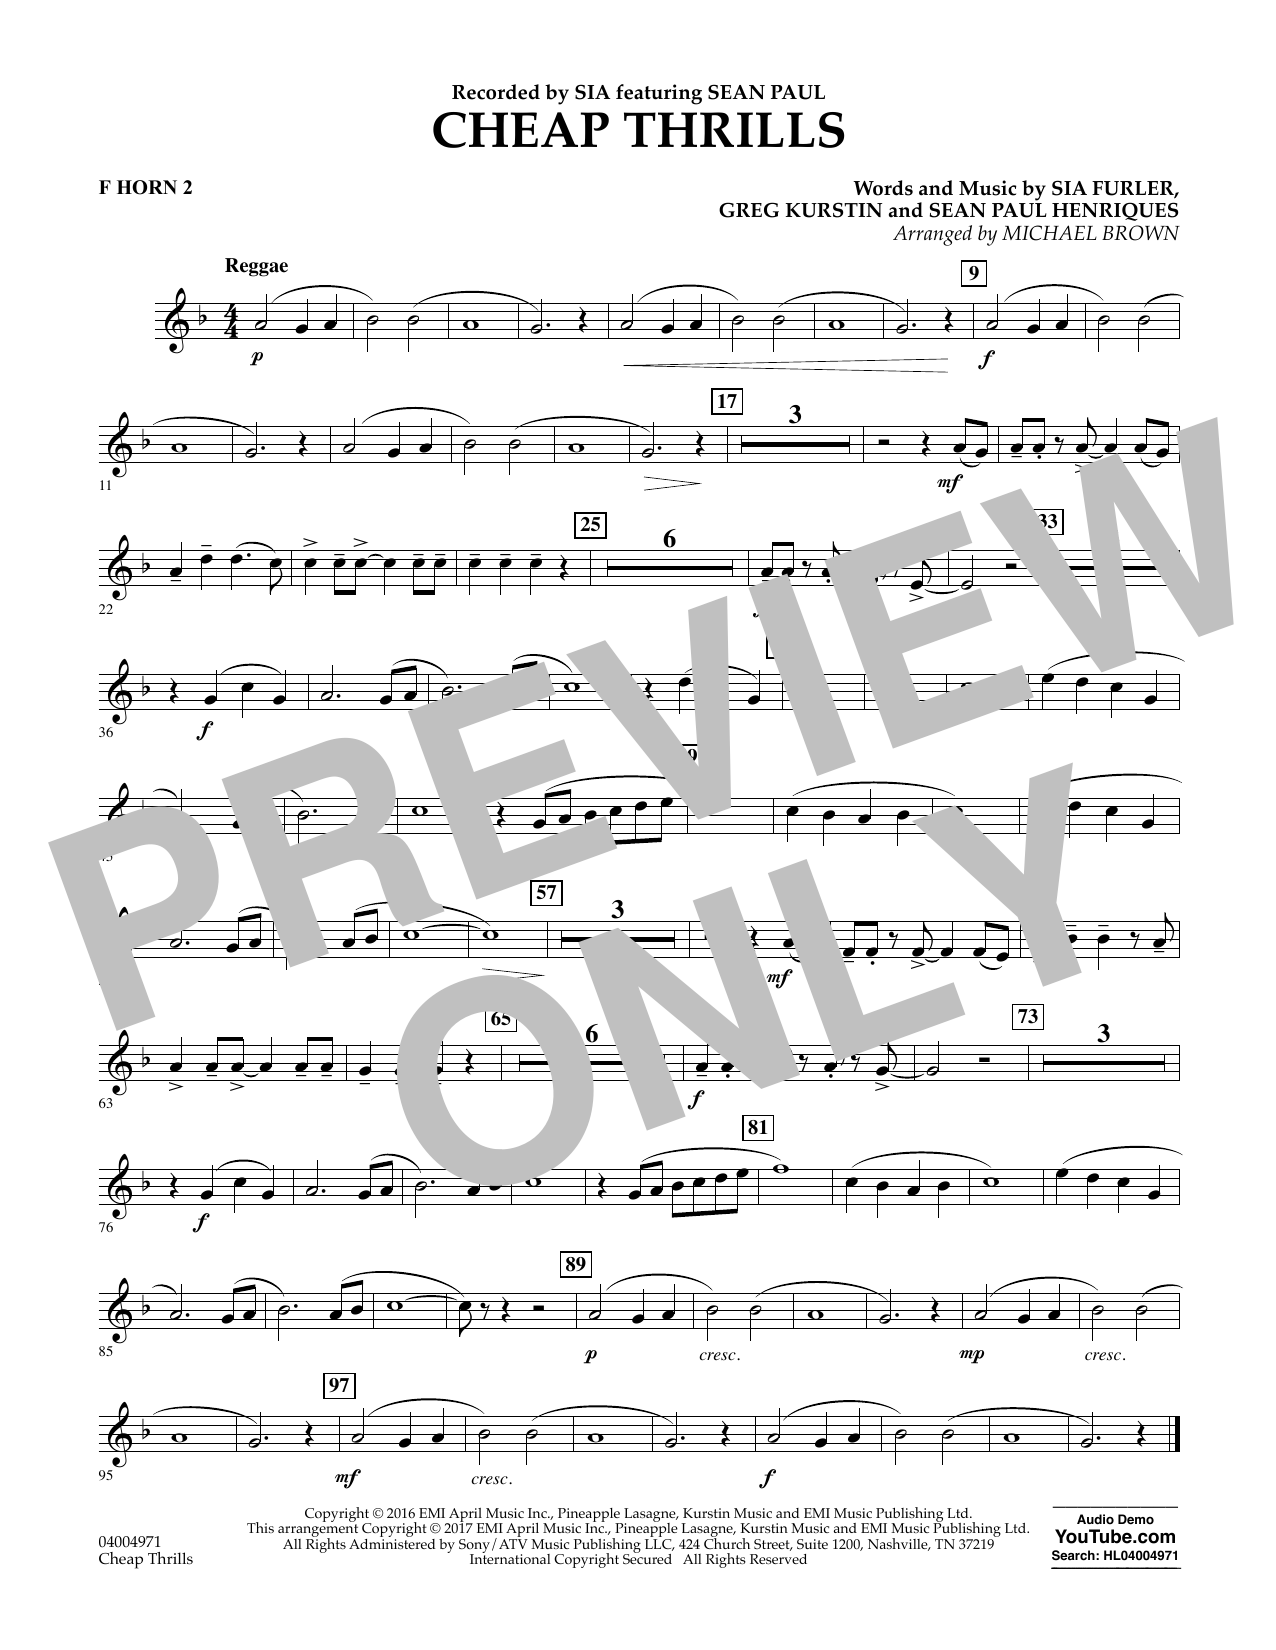 Cheap Thrills - F Horn 2 Sheet Music